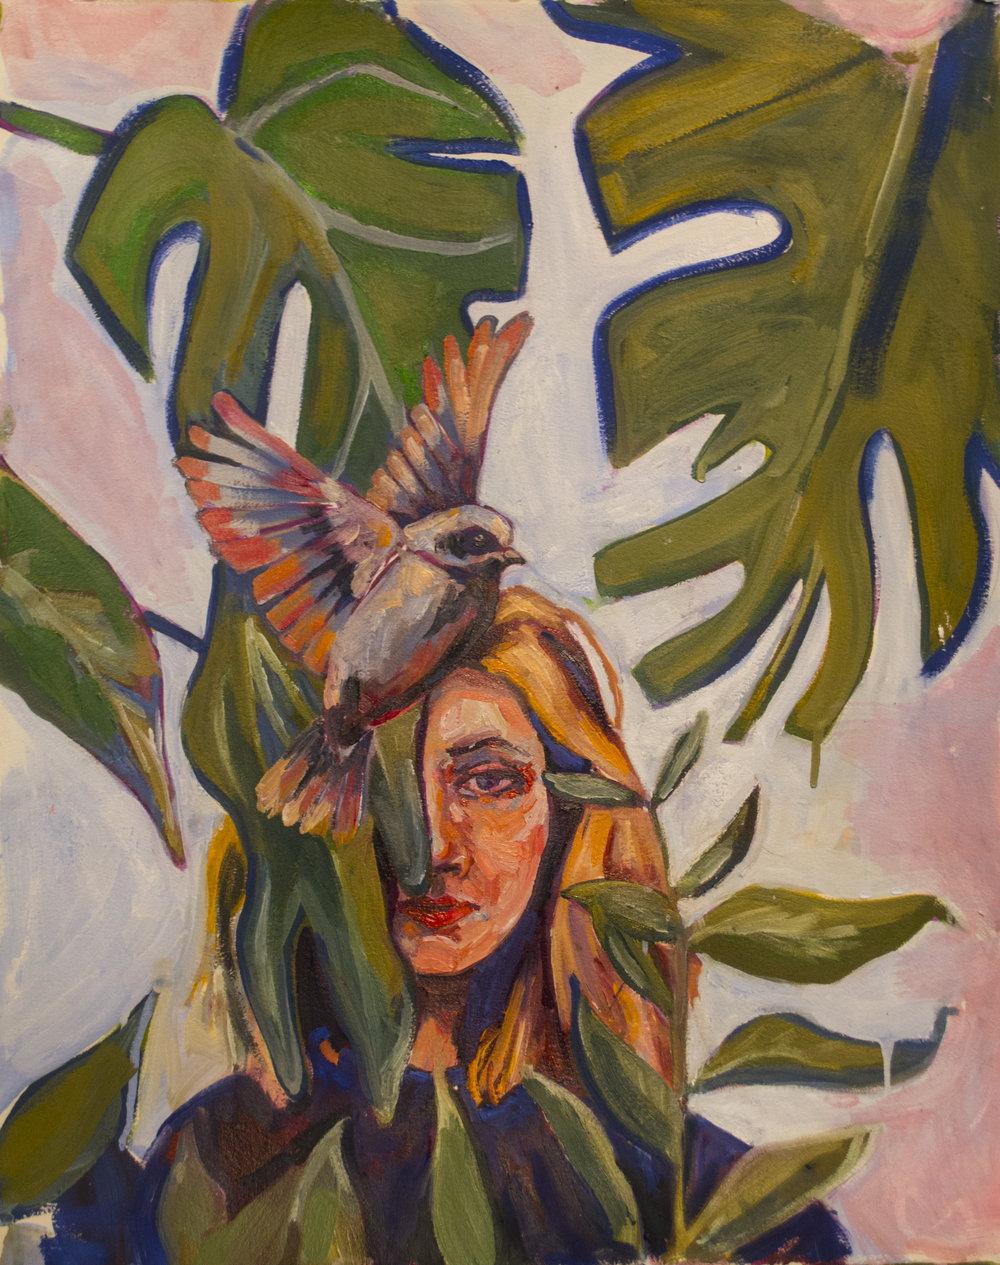 Farrah. Sold. Farrah 16x20 oil on canvas